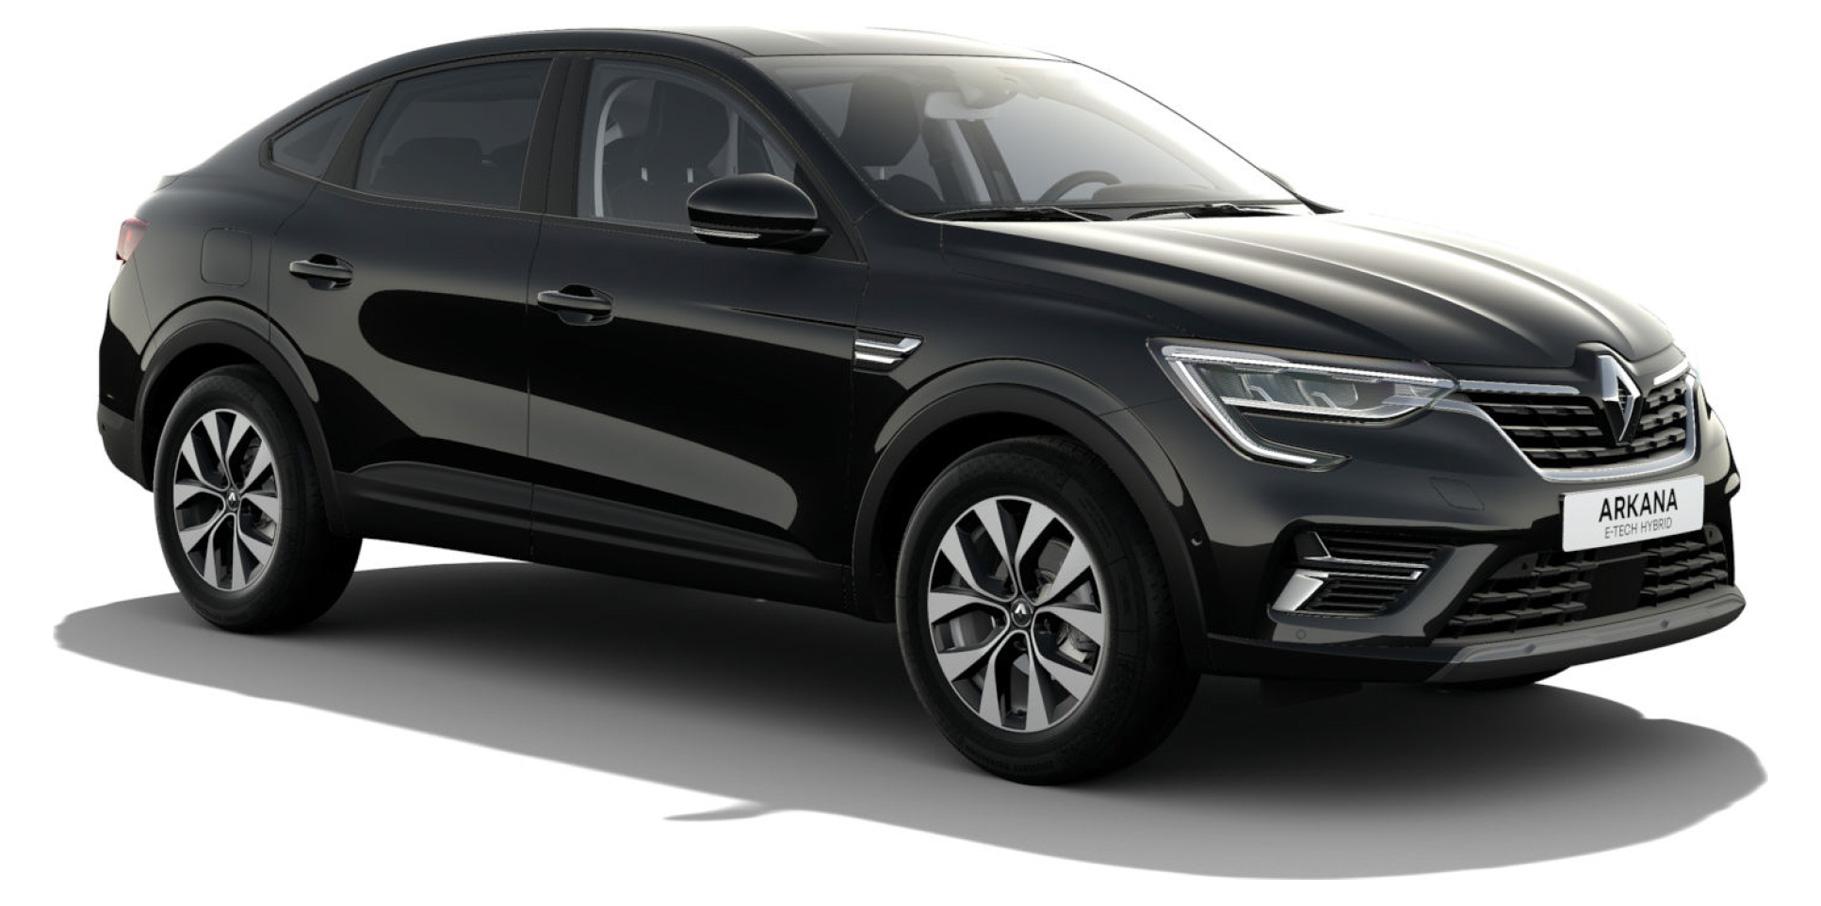 ARKANA nouveau véhicule Renault